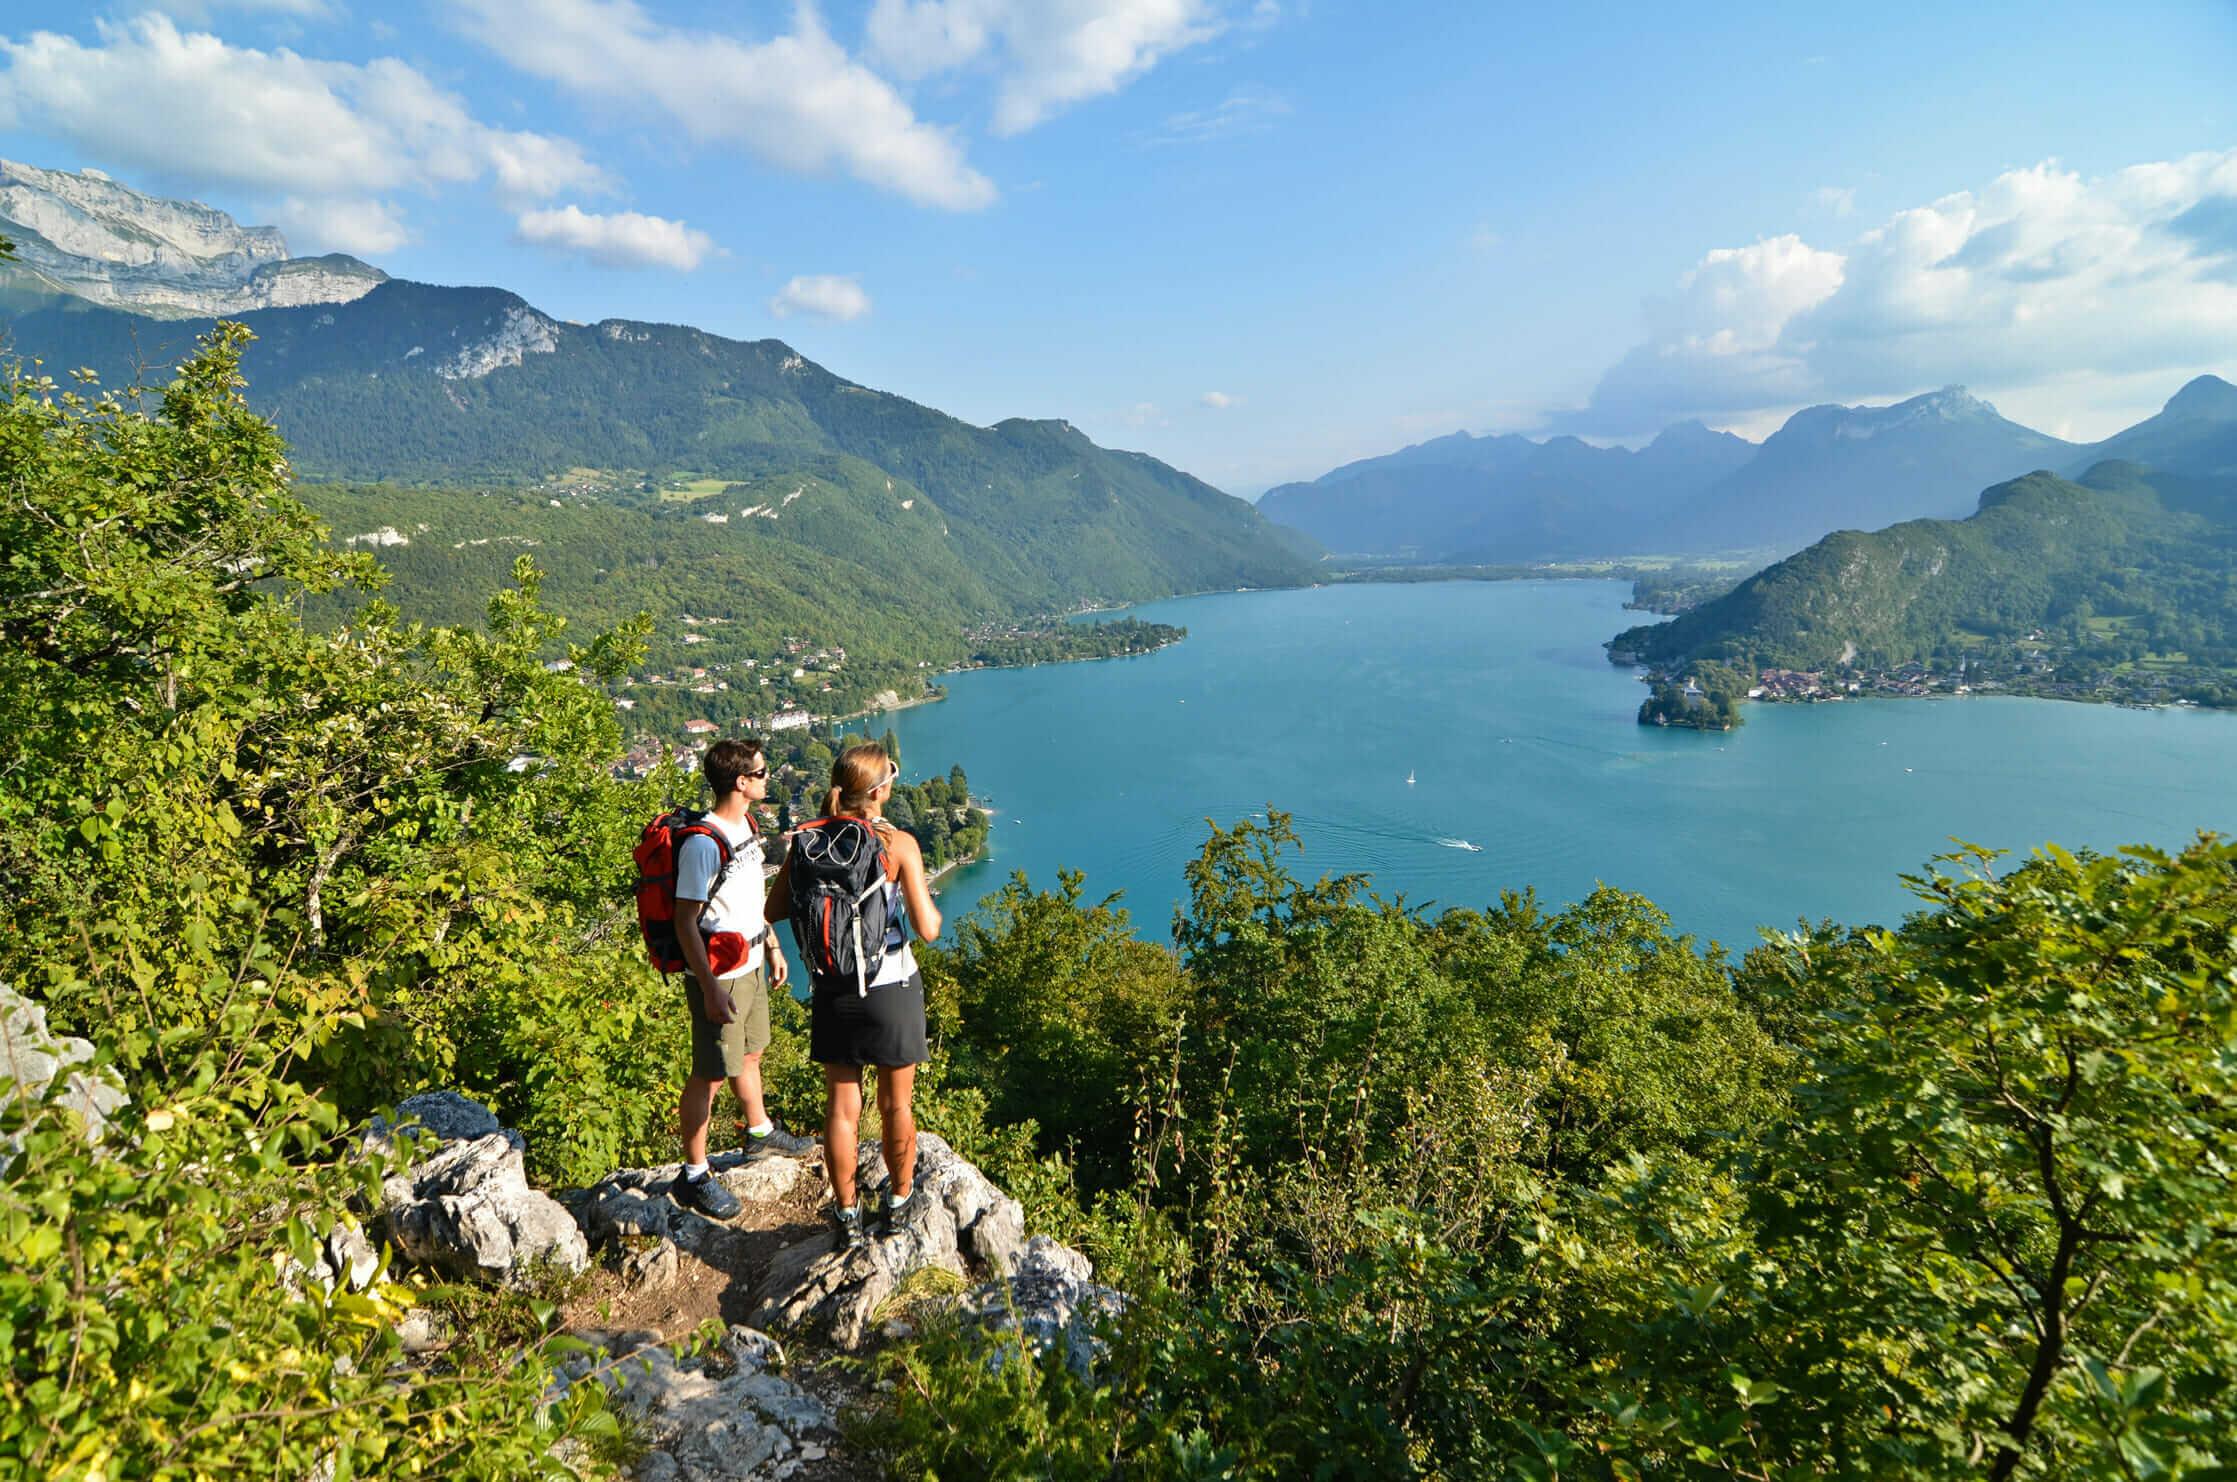 Randonnée au lac d'Annecy